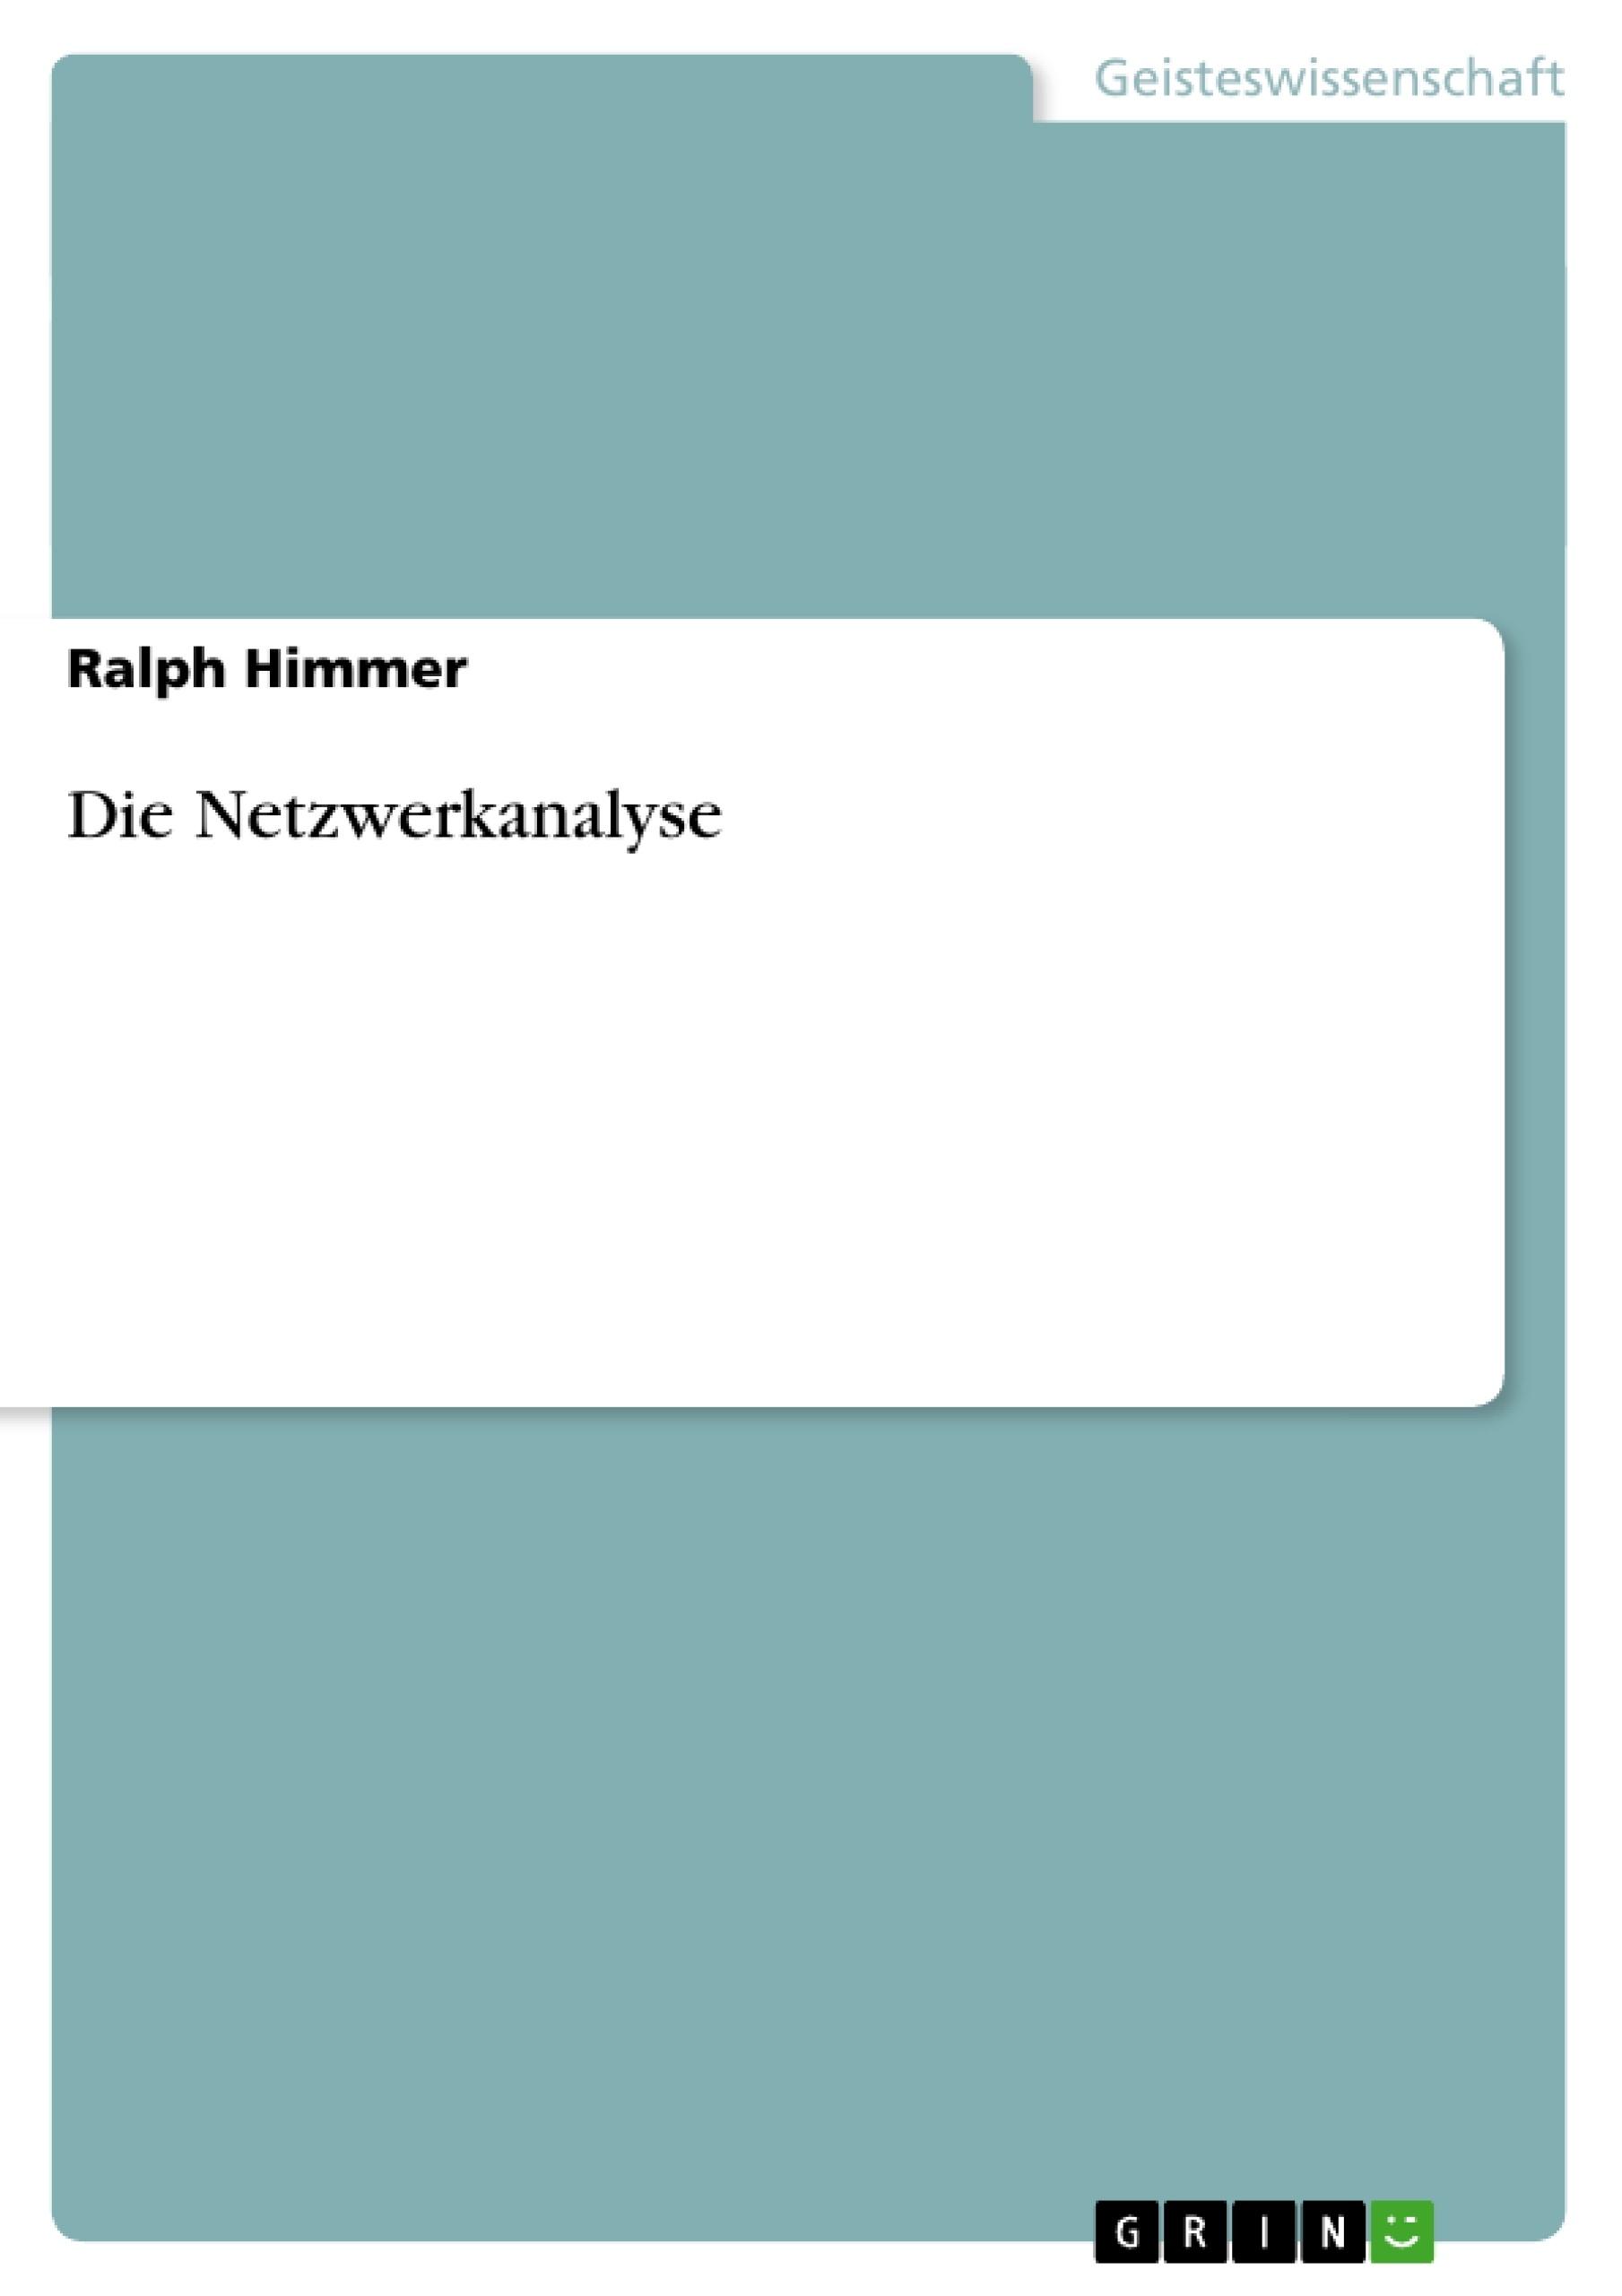 Titel: Die Netzwerkanalyse